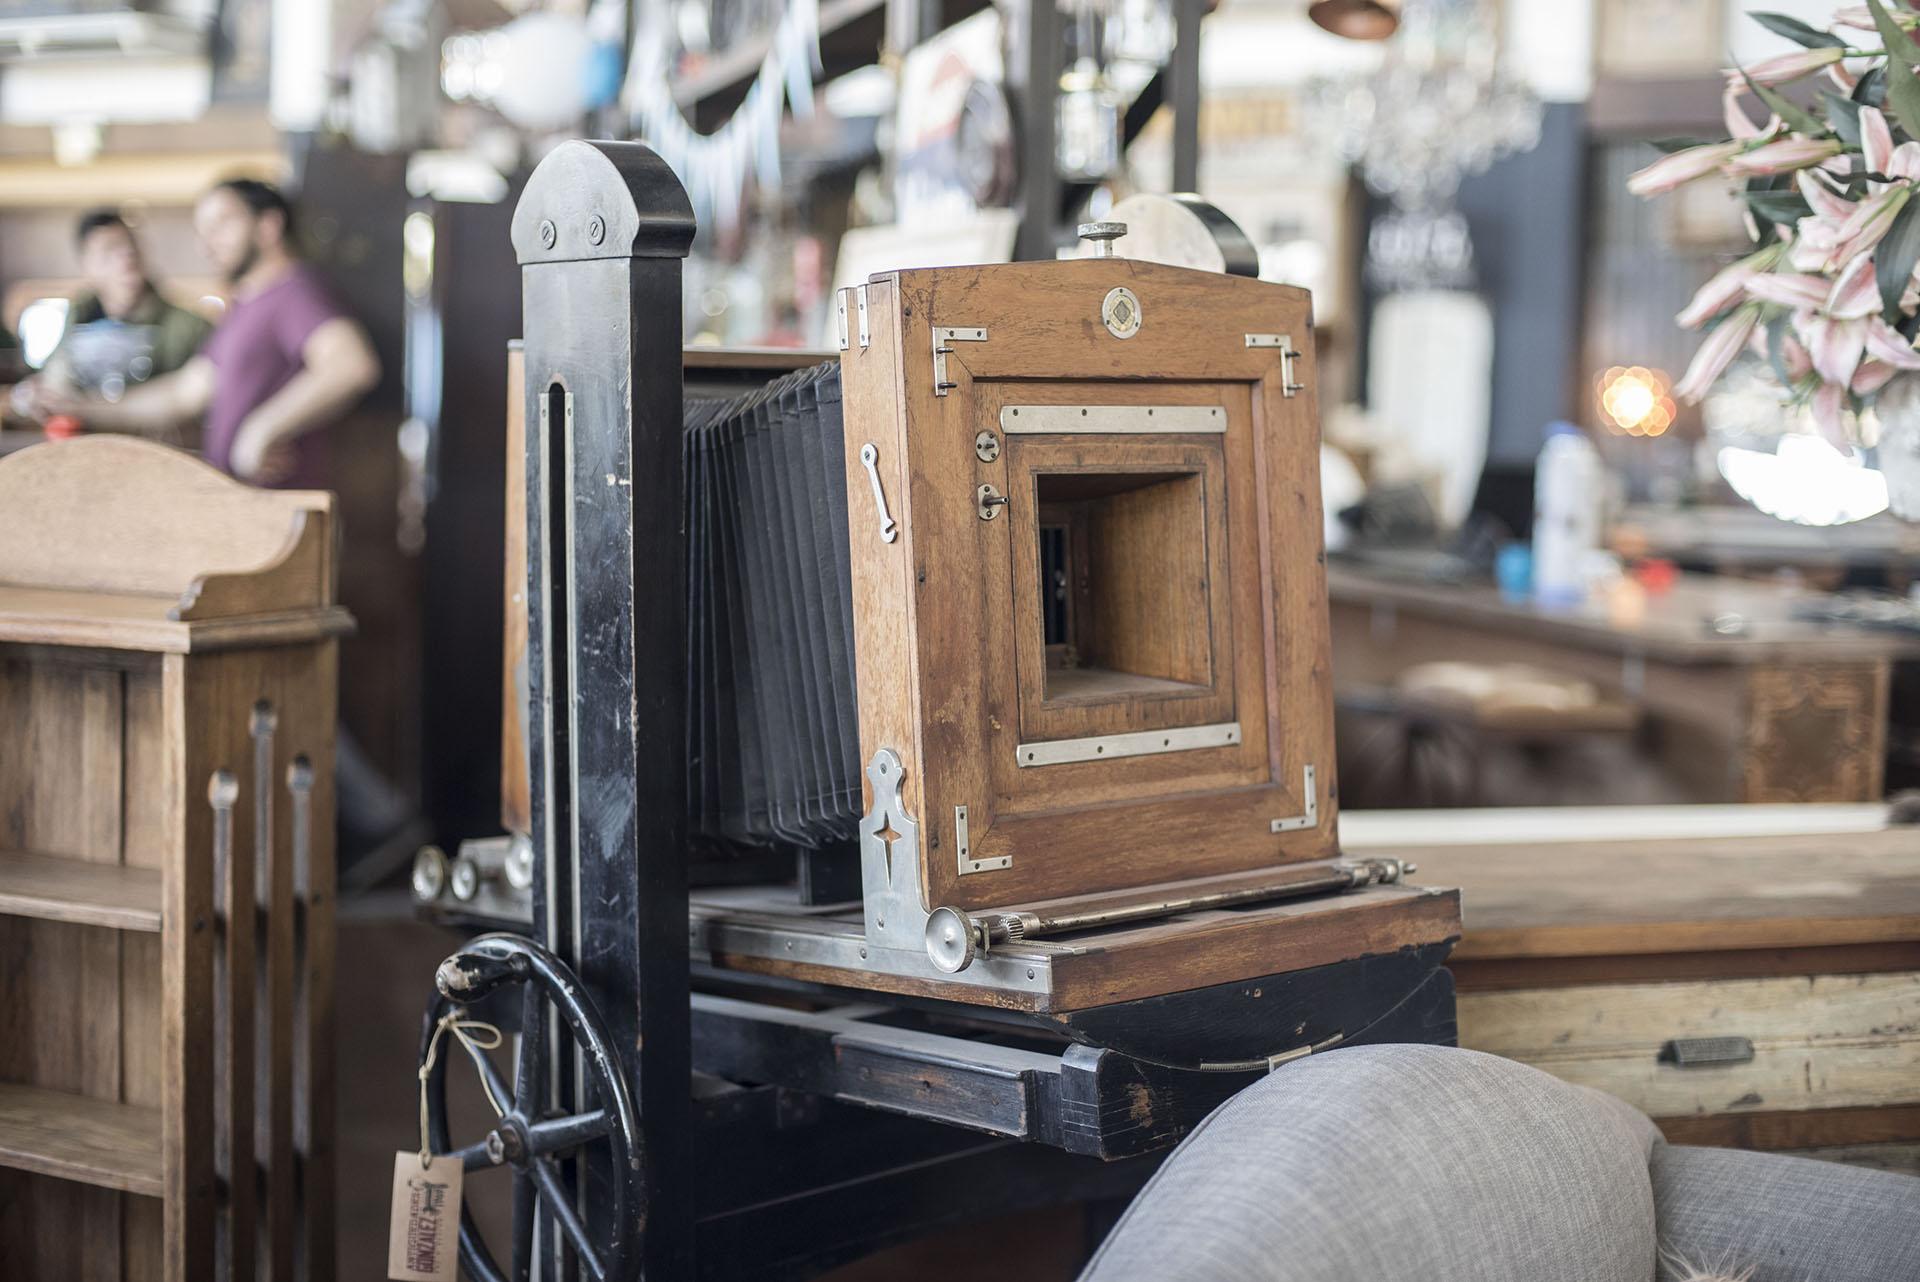 Una máquina de fotos antigua que Diego compró en un viaje a Santa Fe y mencionó en la entrevista como uno de sus tesoros más antiguos que tiene dentro de la tienda